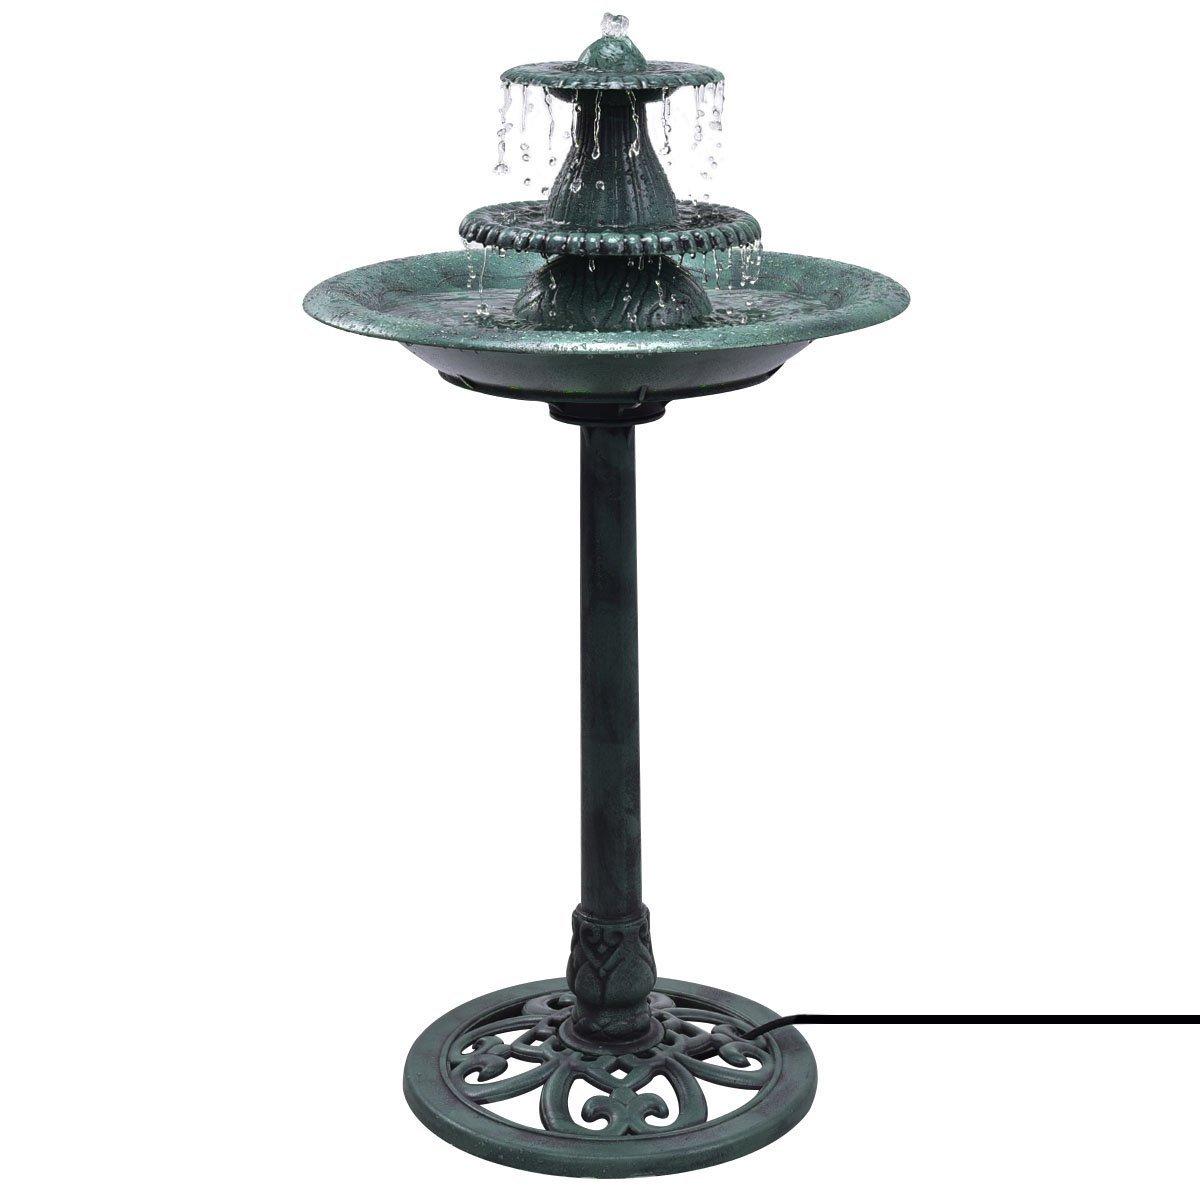 Giantex 3-Tier Garden Fountain W/Pump Outdoor Decor Pedestal Bird Bath Water Fountain